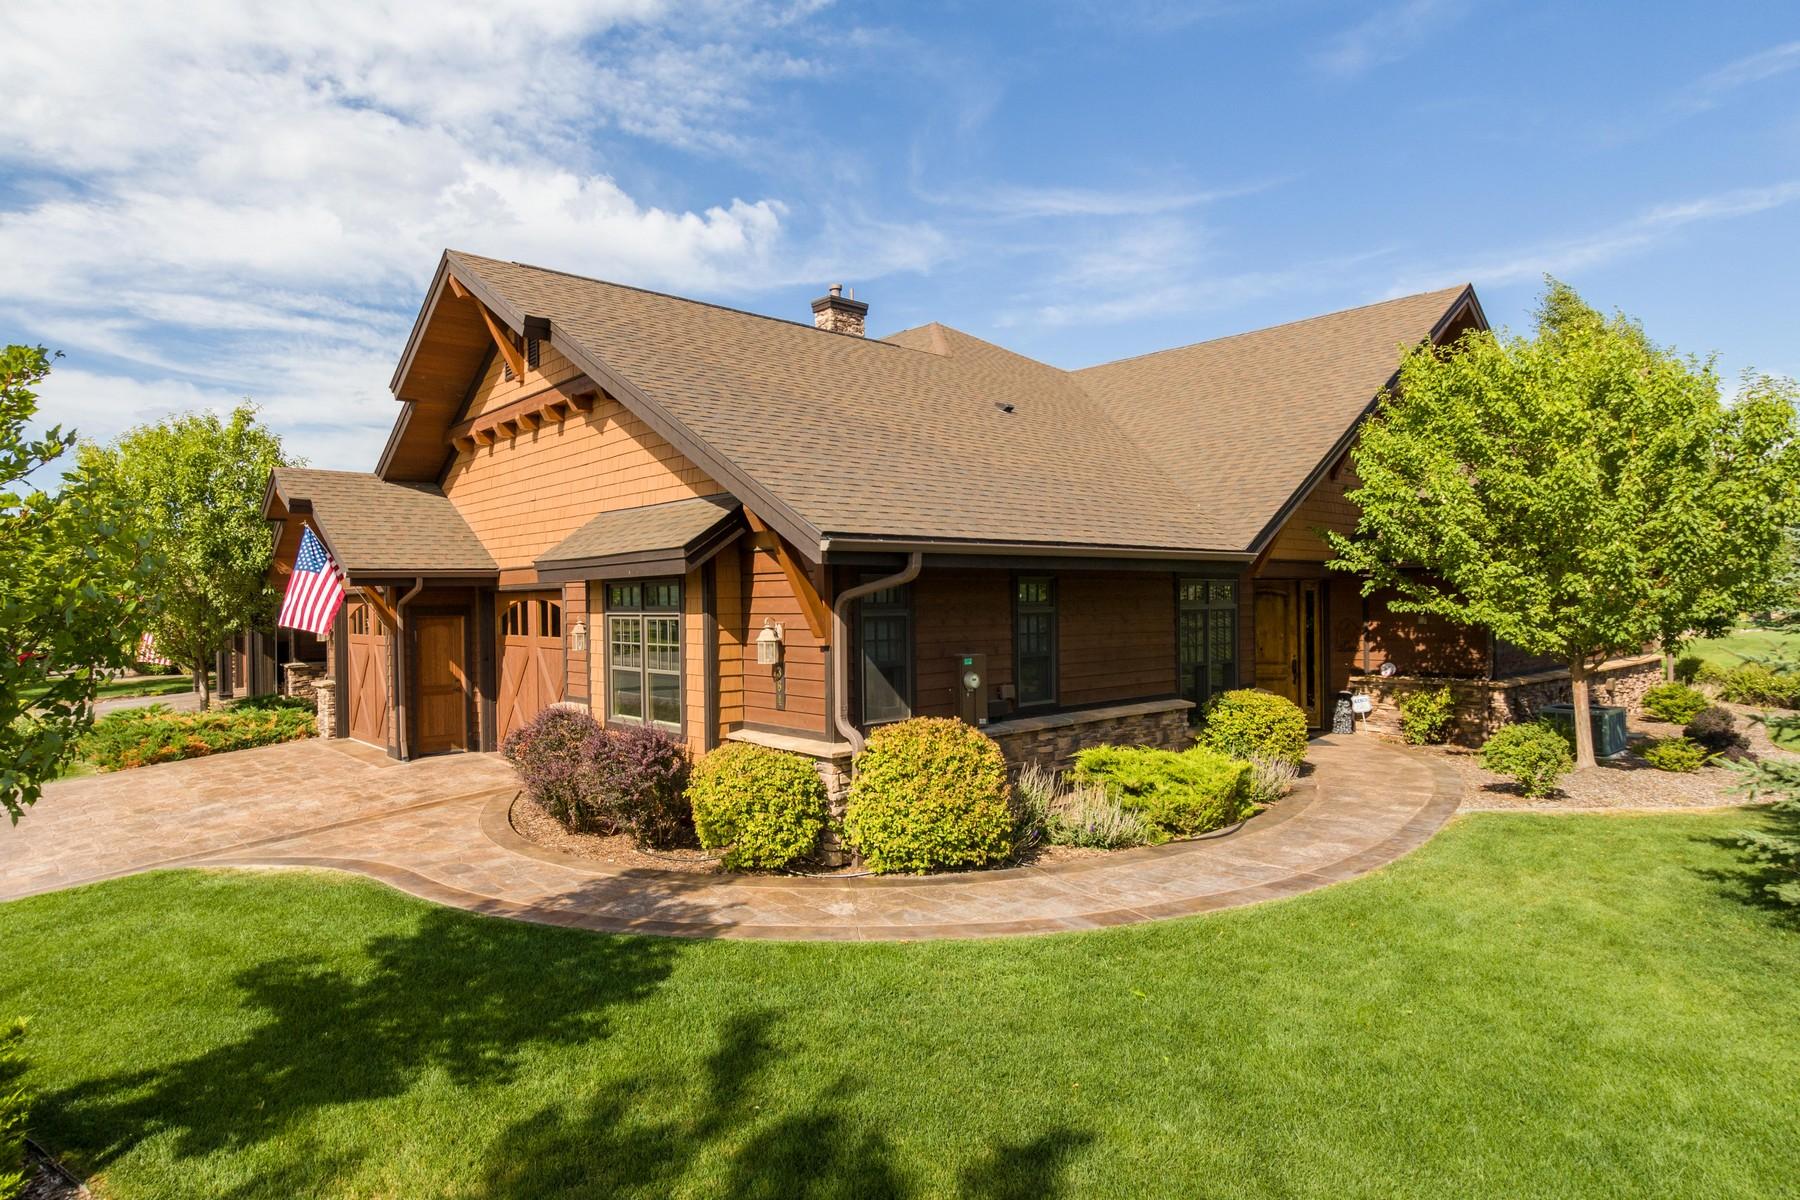 Townhouse for Sale at Teal @ Harbor Village 364 Eagle Bend Drive Bigfork, Montana 59911 United States